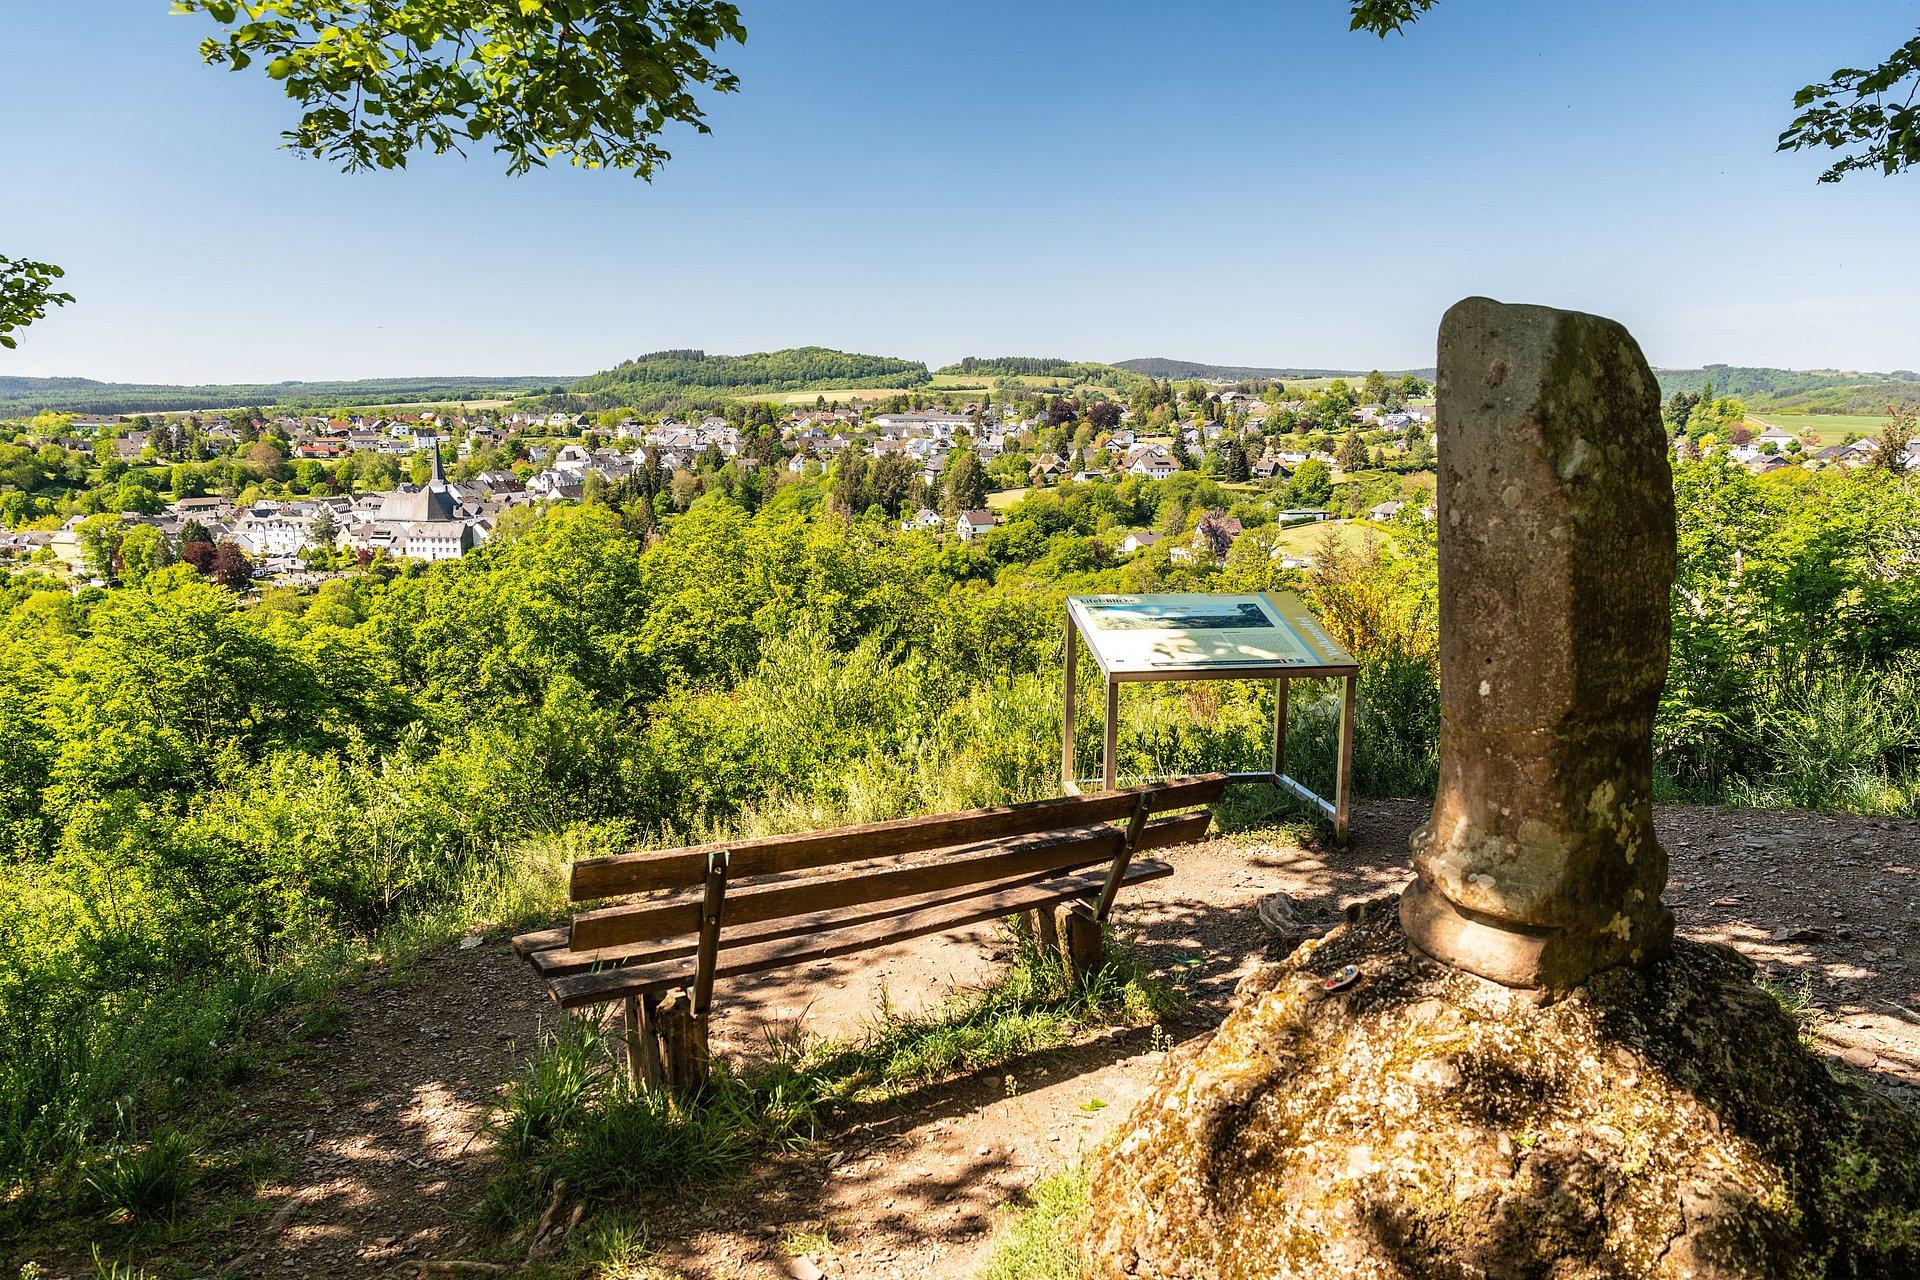 Uitzicht vanaf het uitzichtpunt Belvedere langs de Manderscheider Burgenstieg, Eifel